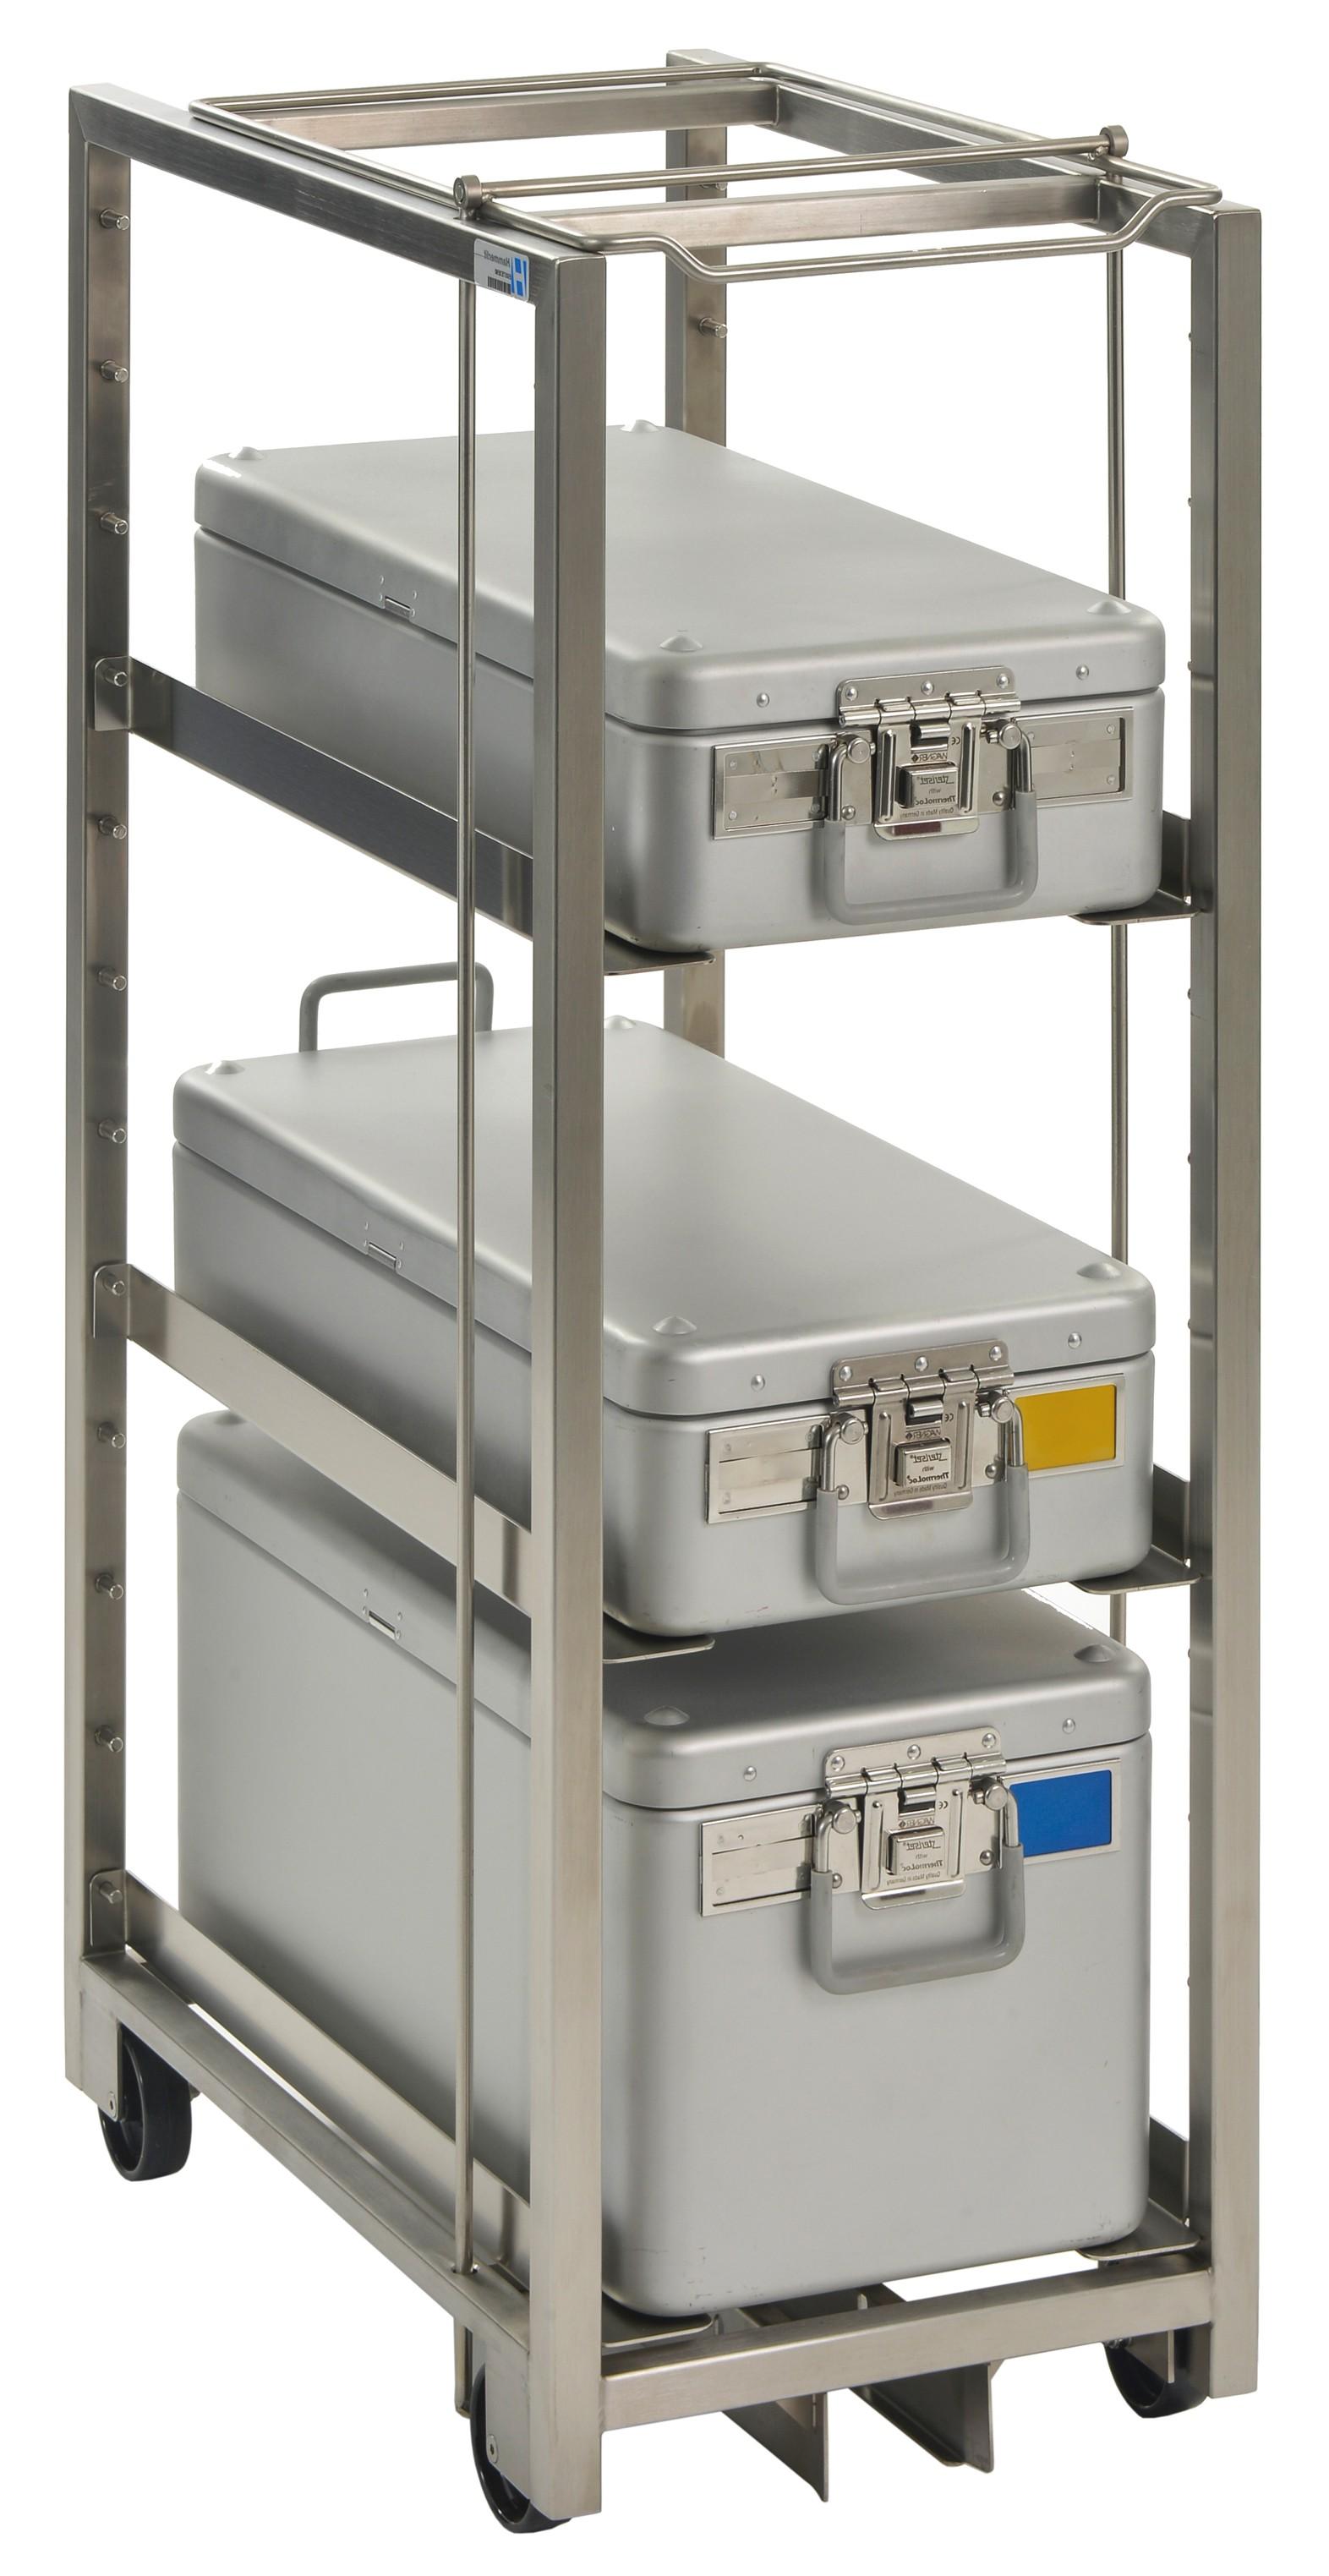 Bild zeigt EGSTE3E60 mit Behälter